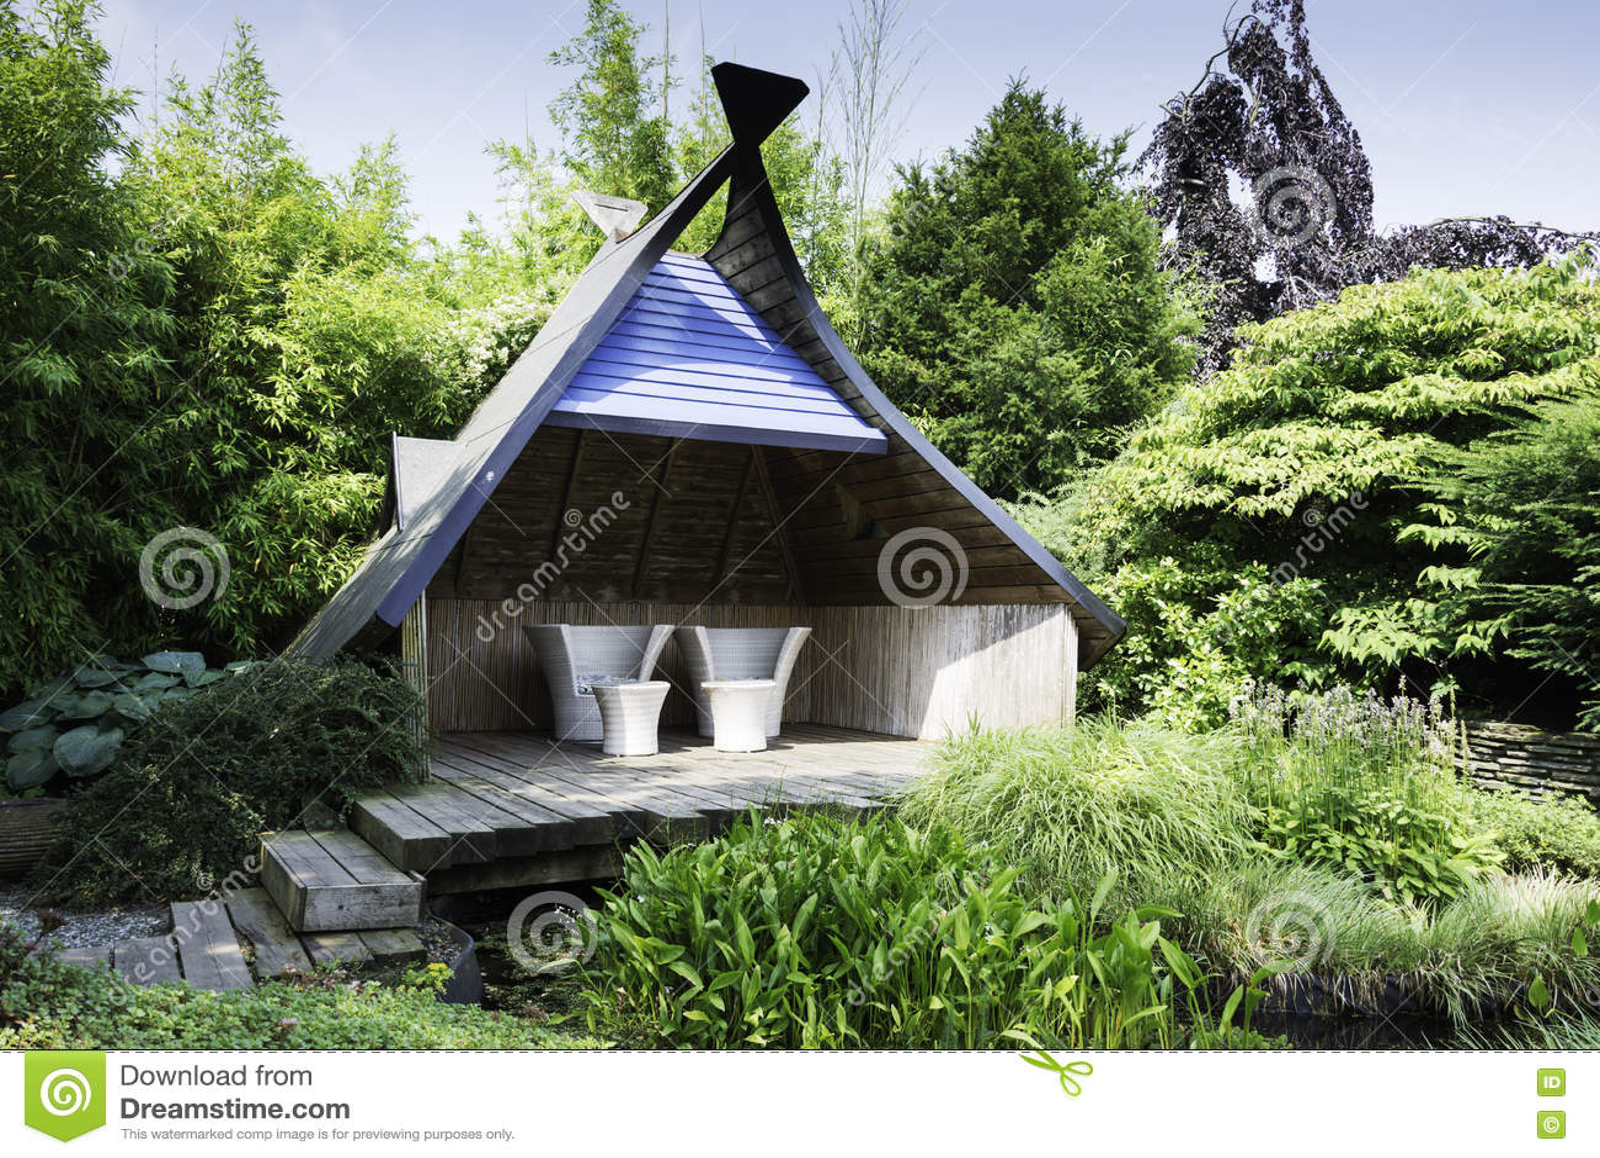 Meubles Modernes De Jardin Dans Le Jardin Anglais Image Editorial